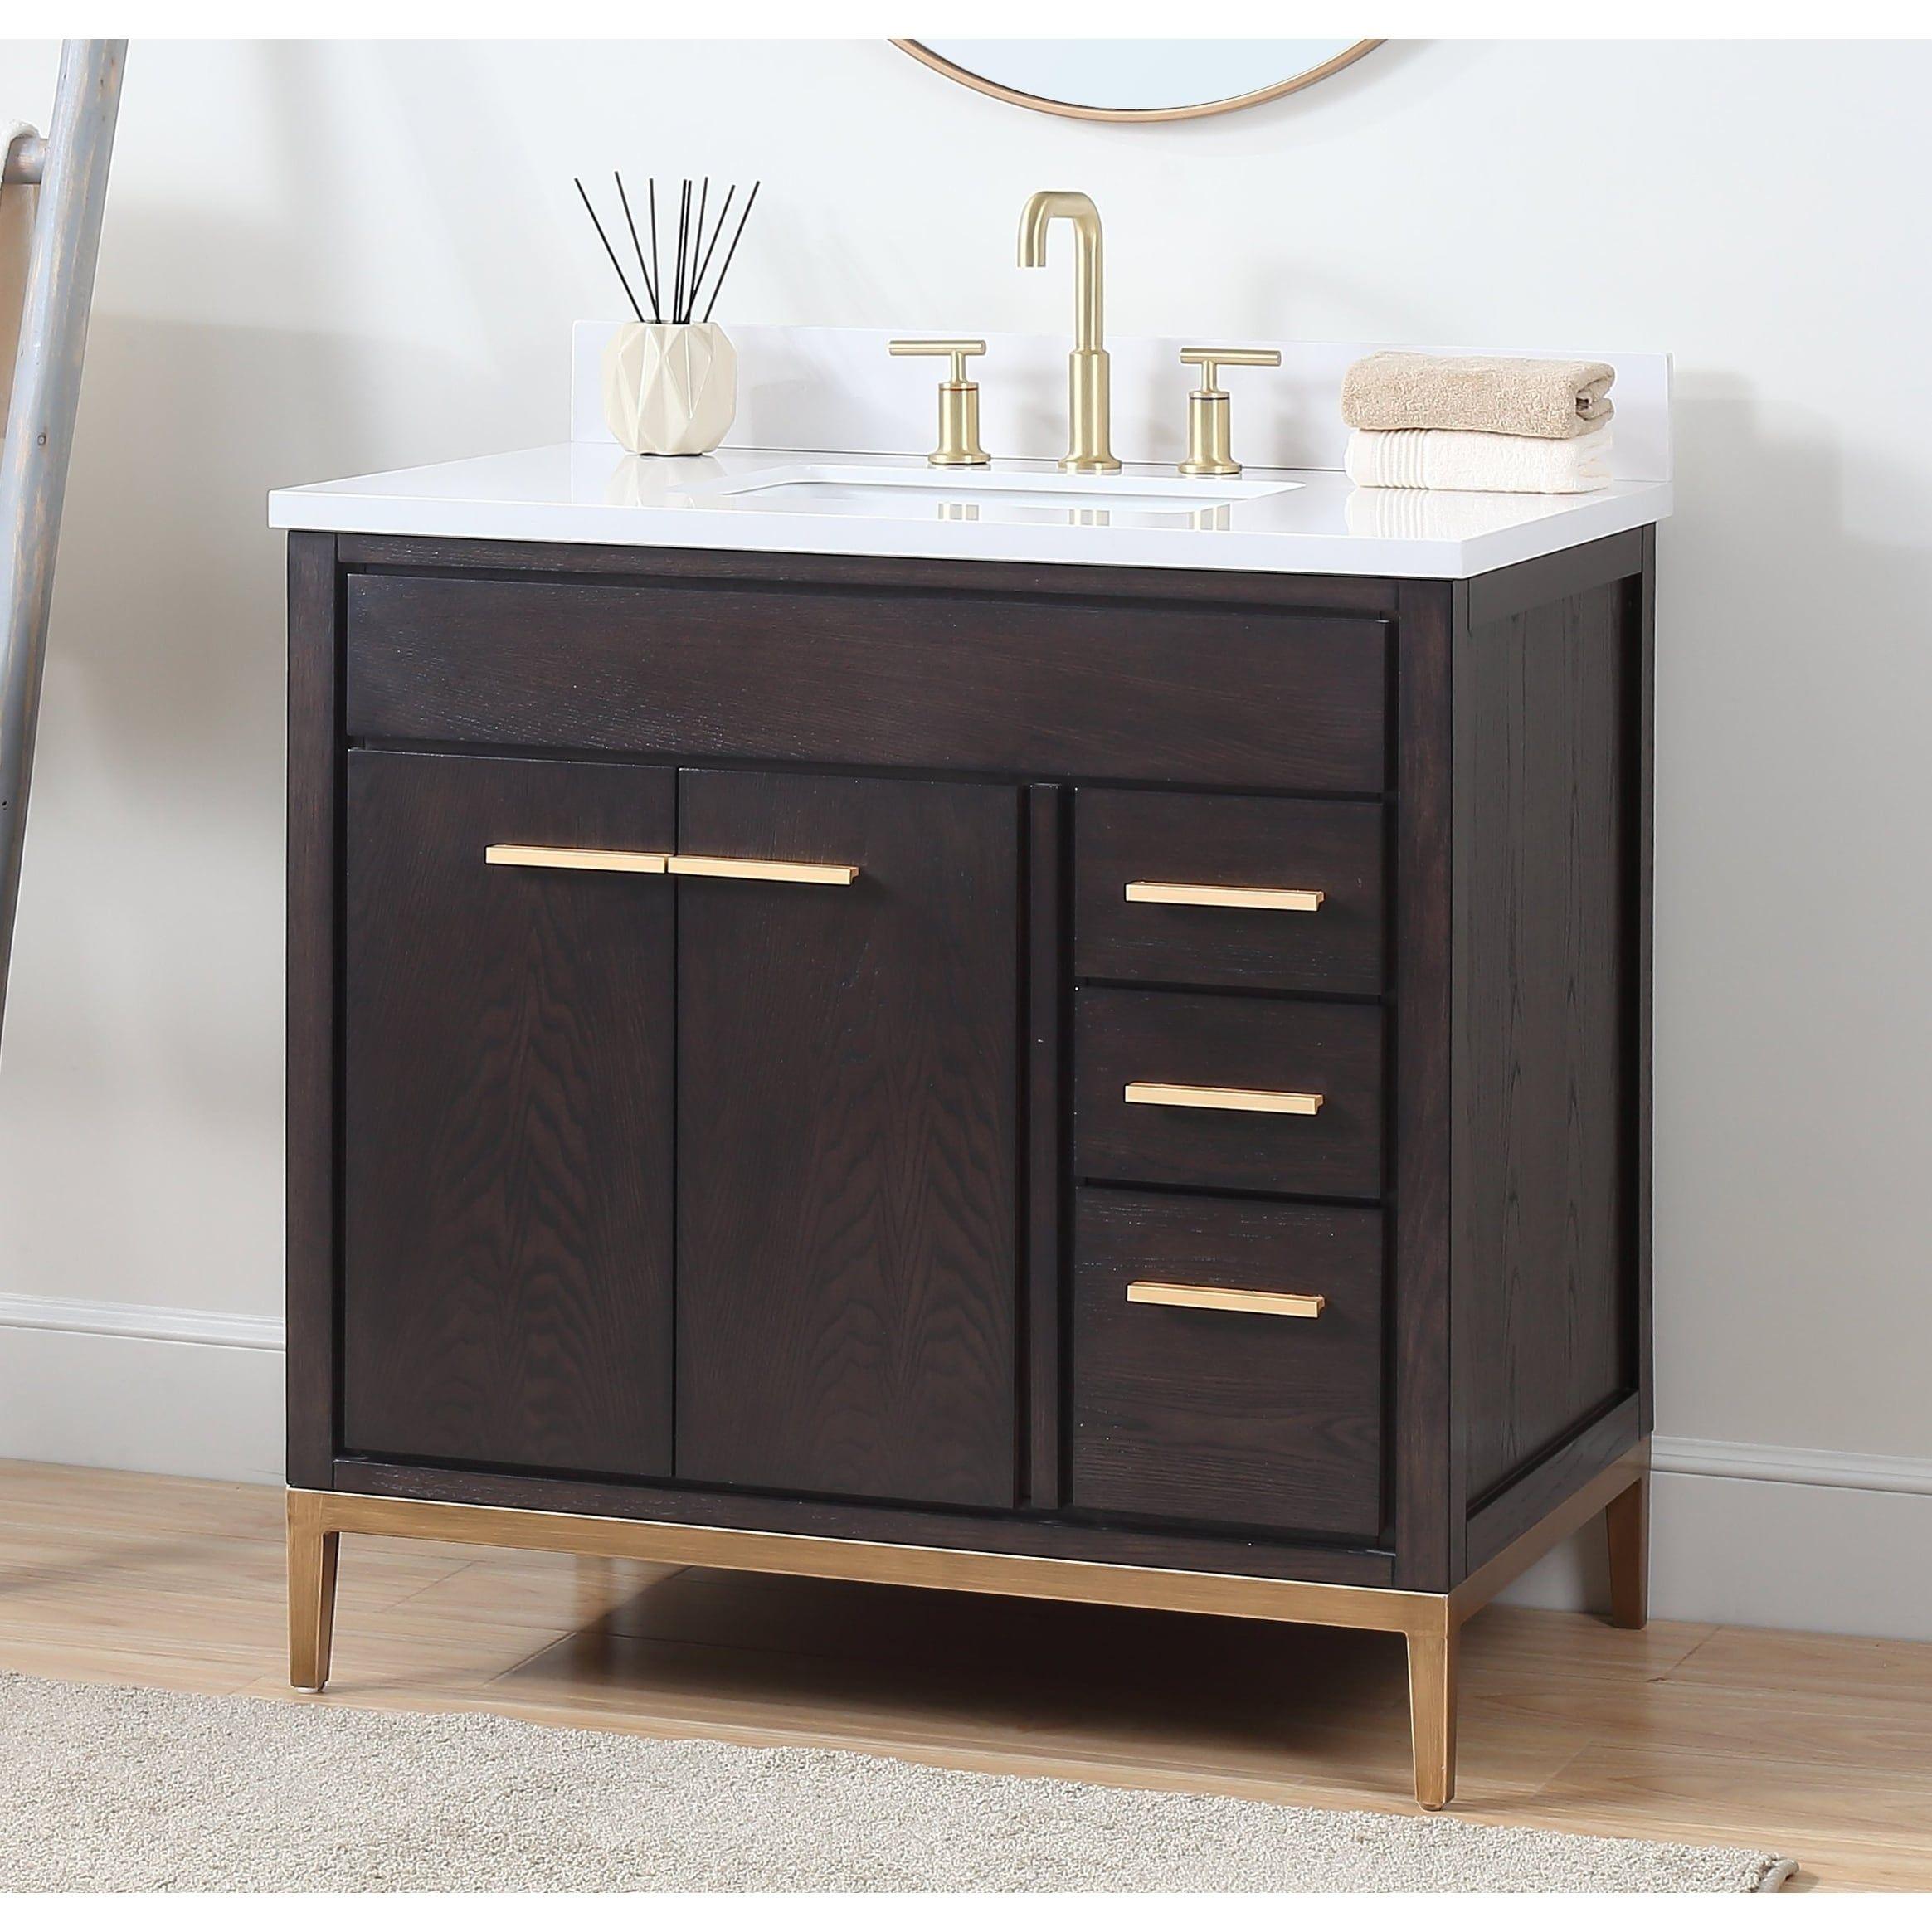 Our Best Bathroom Furniture Deals Bathroom Sink Vanity Modern Style Bathroom Vanity Sink